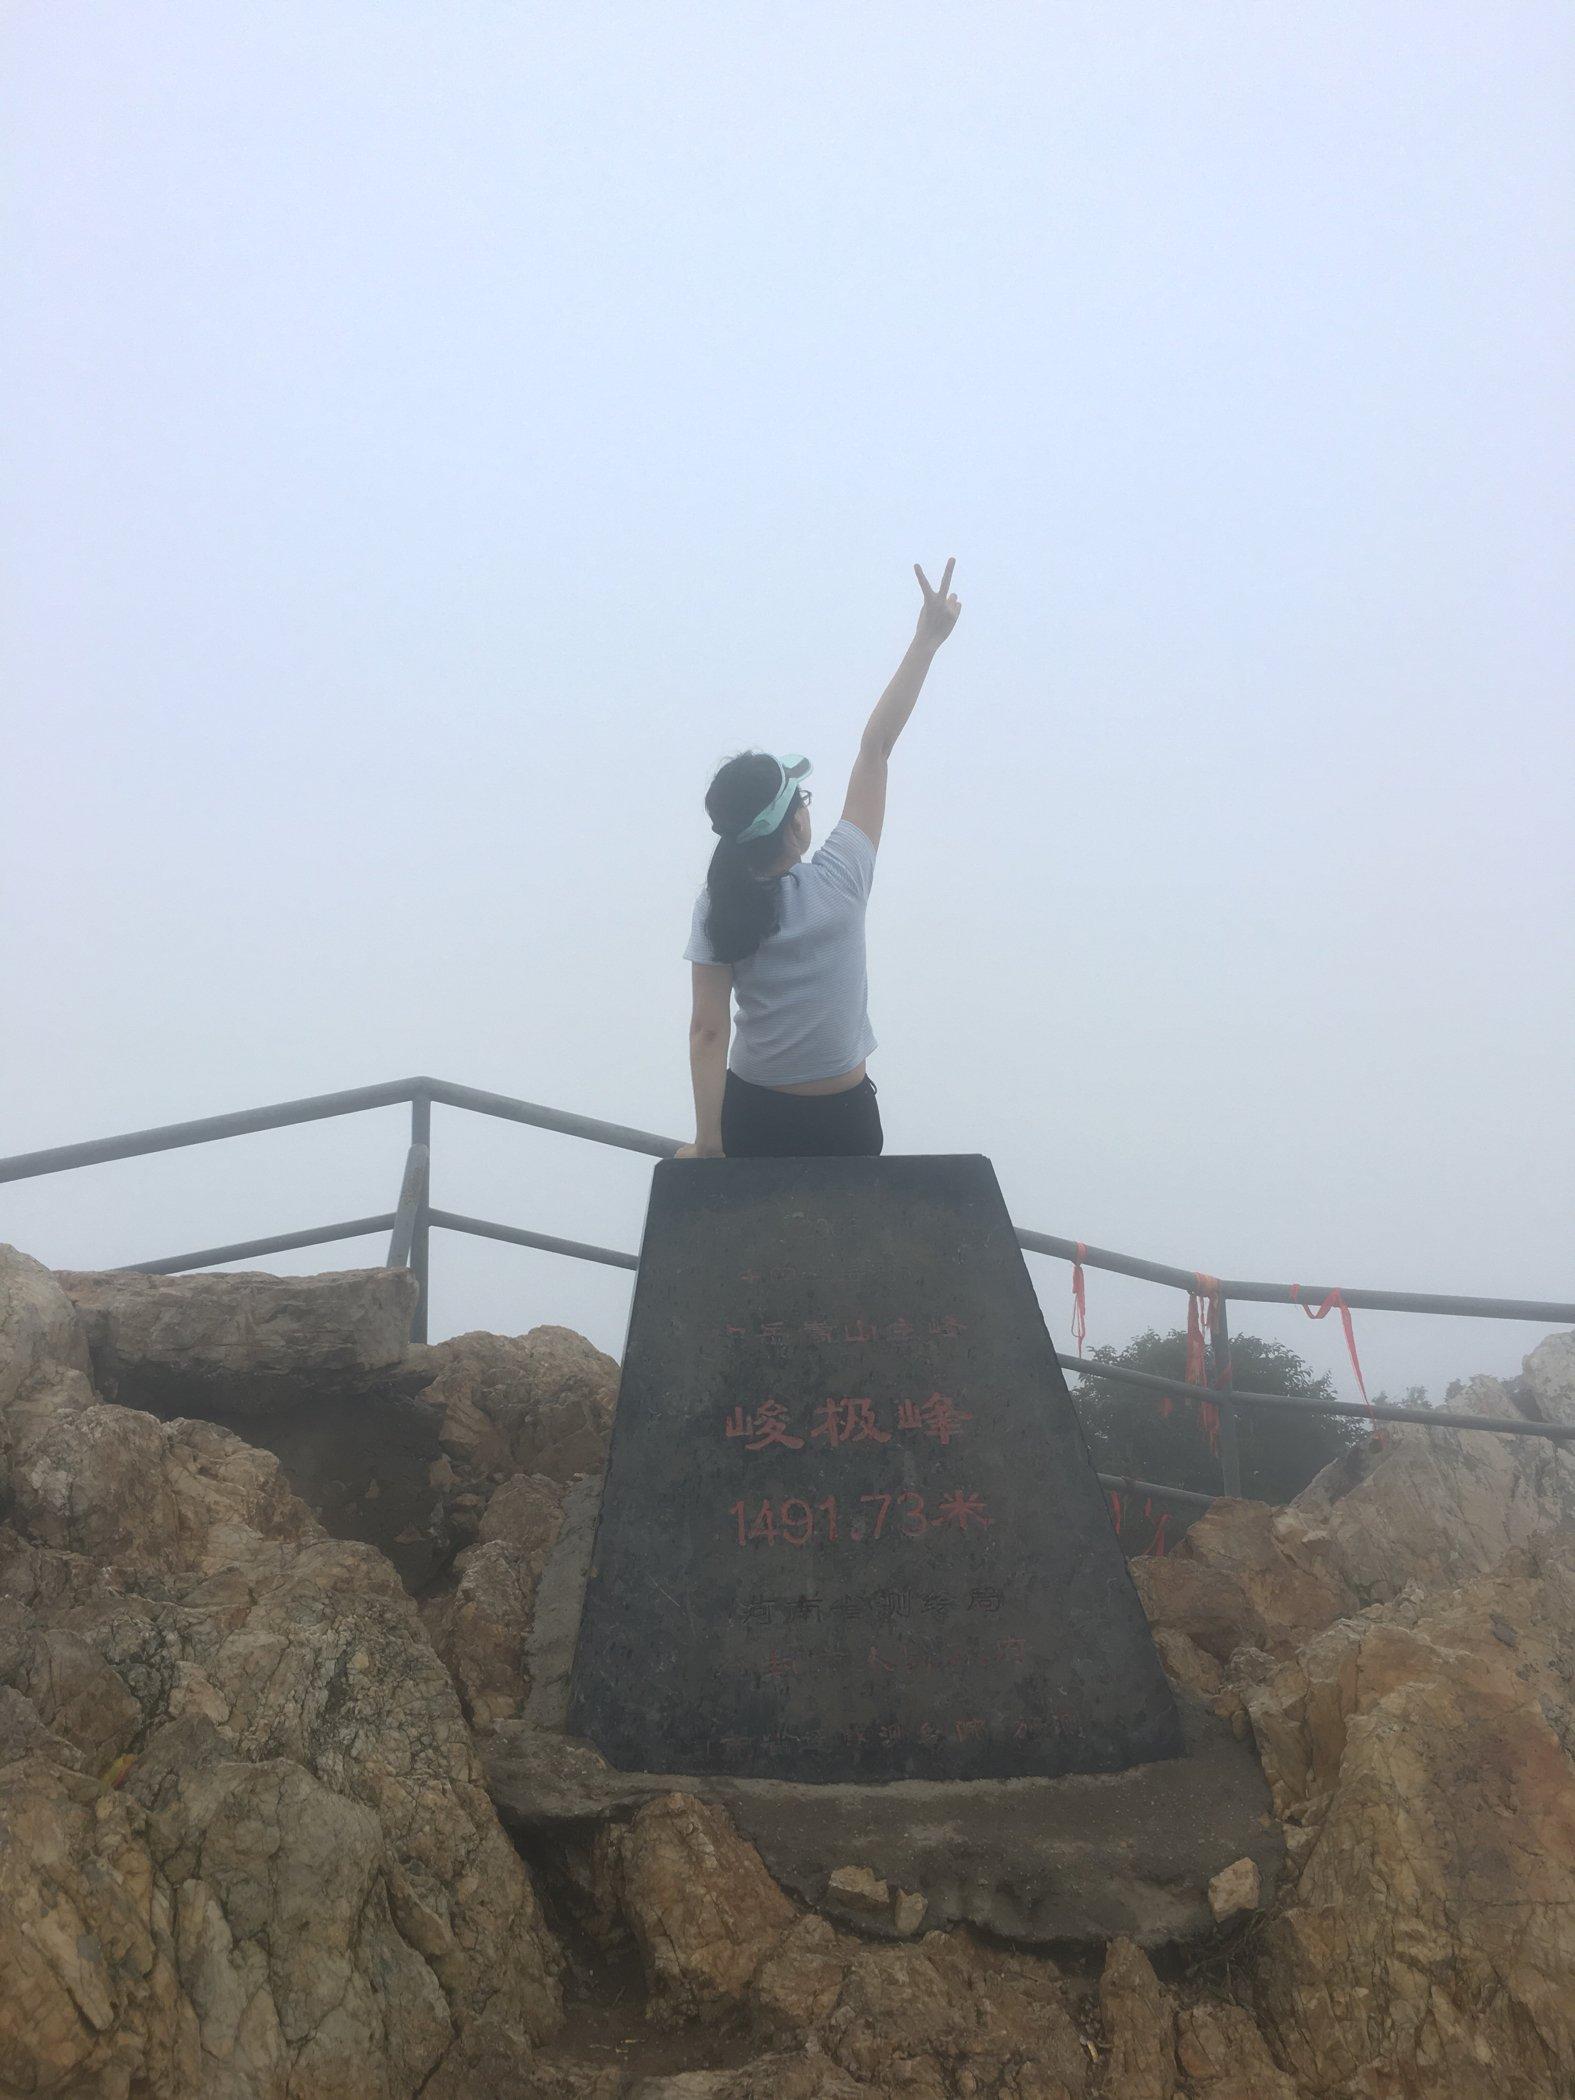 嵩山商洛太室山少室山攻略寨-少林寺2日游-嵩登封三皇一日游周边图片